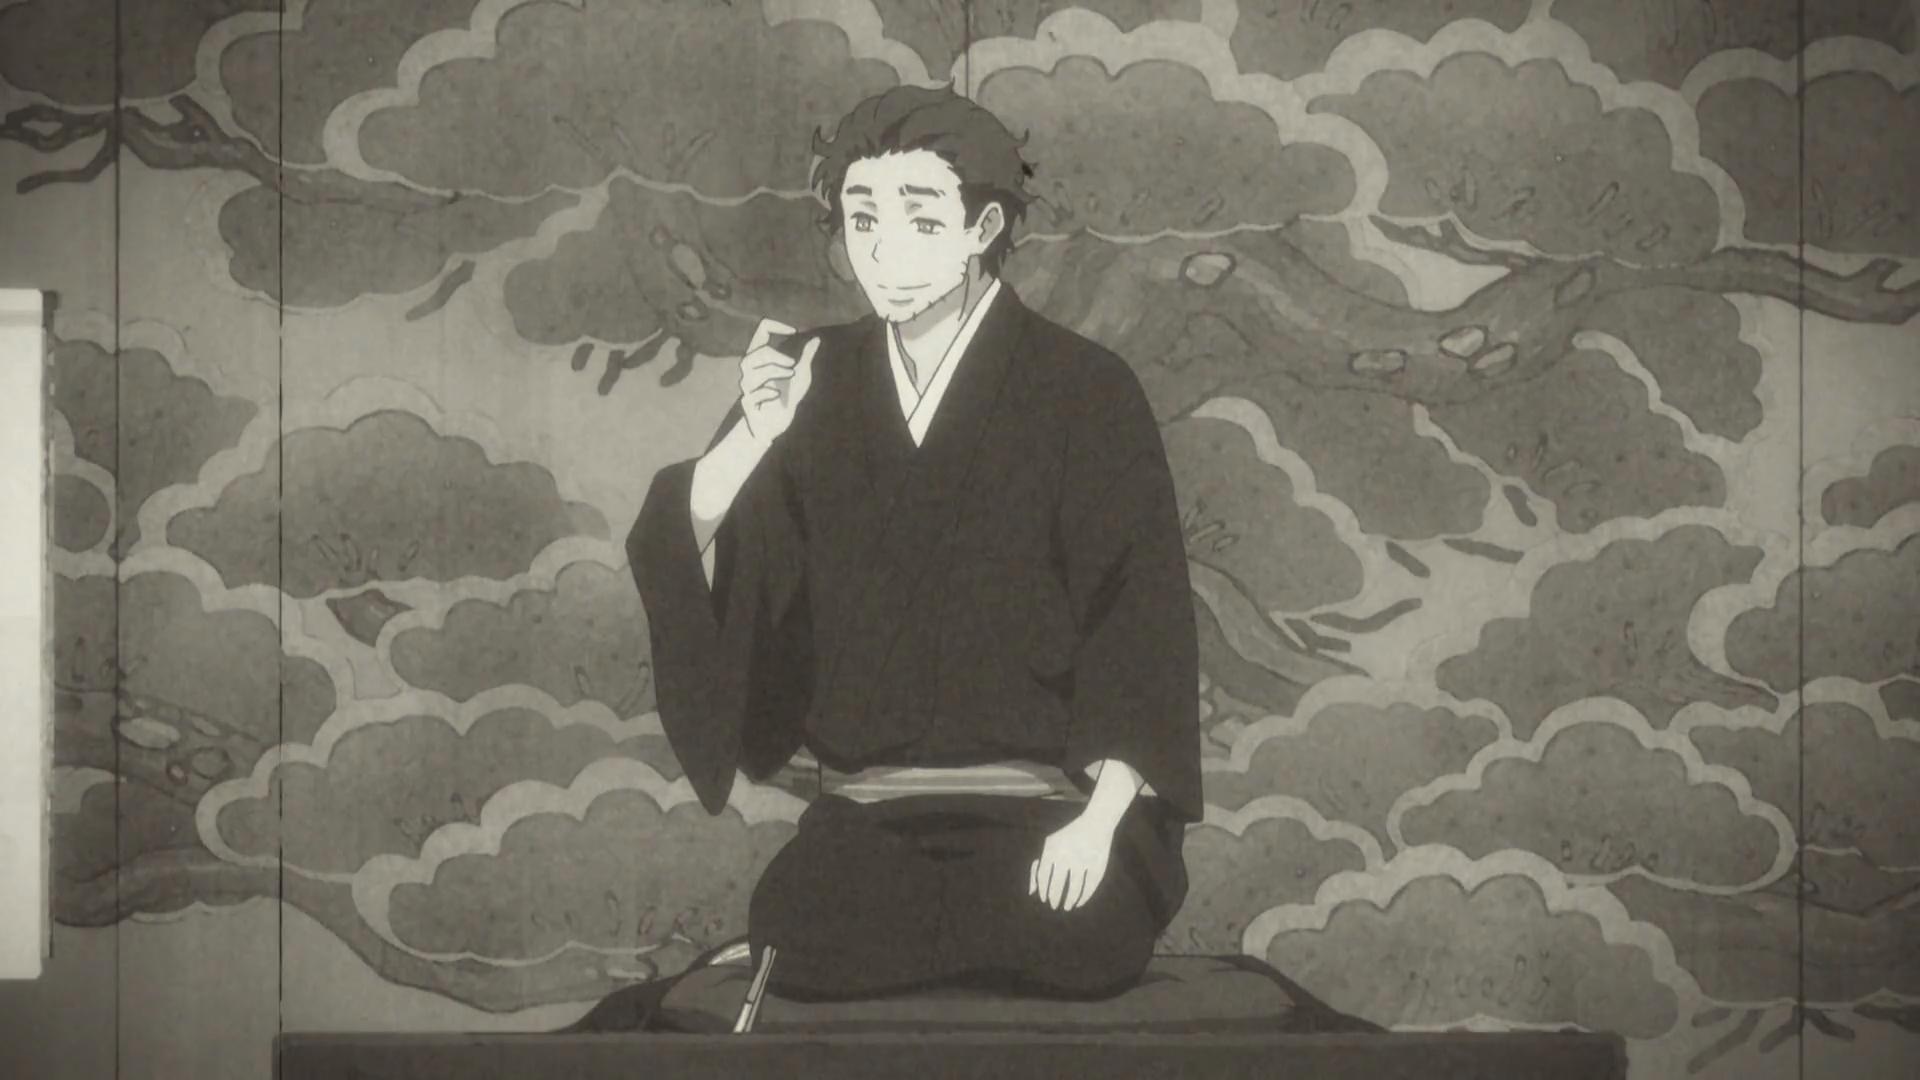 Shouwa Genroku Rakugo Shinjuu Film Nefarious Reviews